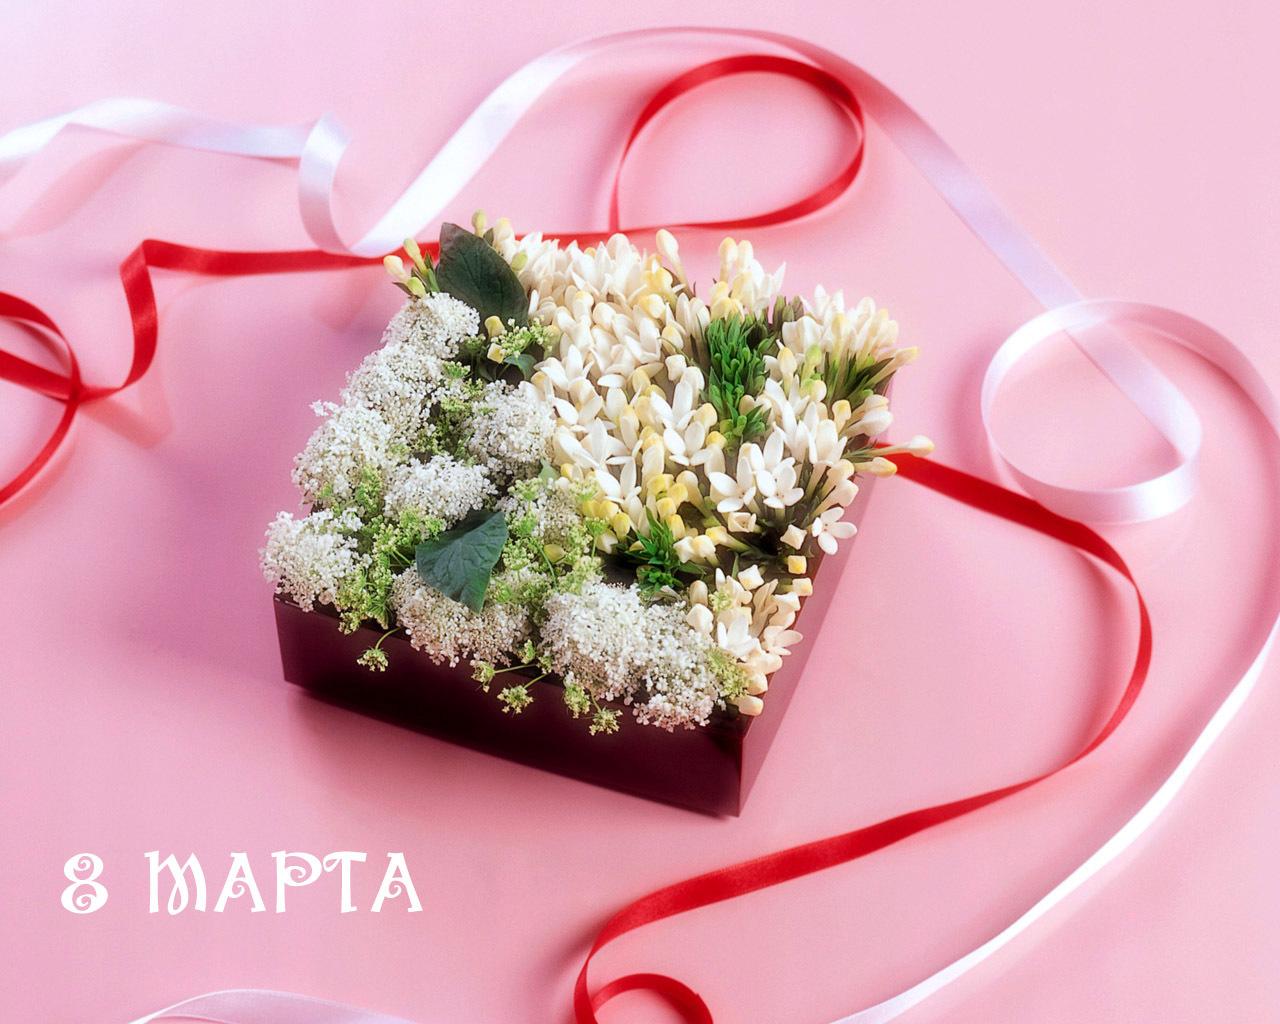 поделится красивые открытки с 8 марта живые цветы наш мастер-класс будет